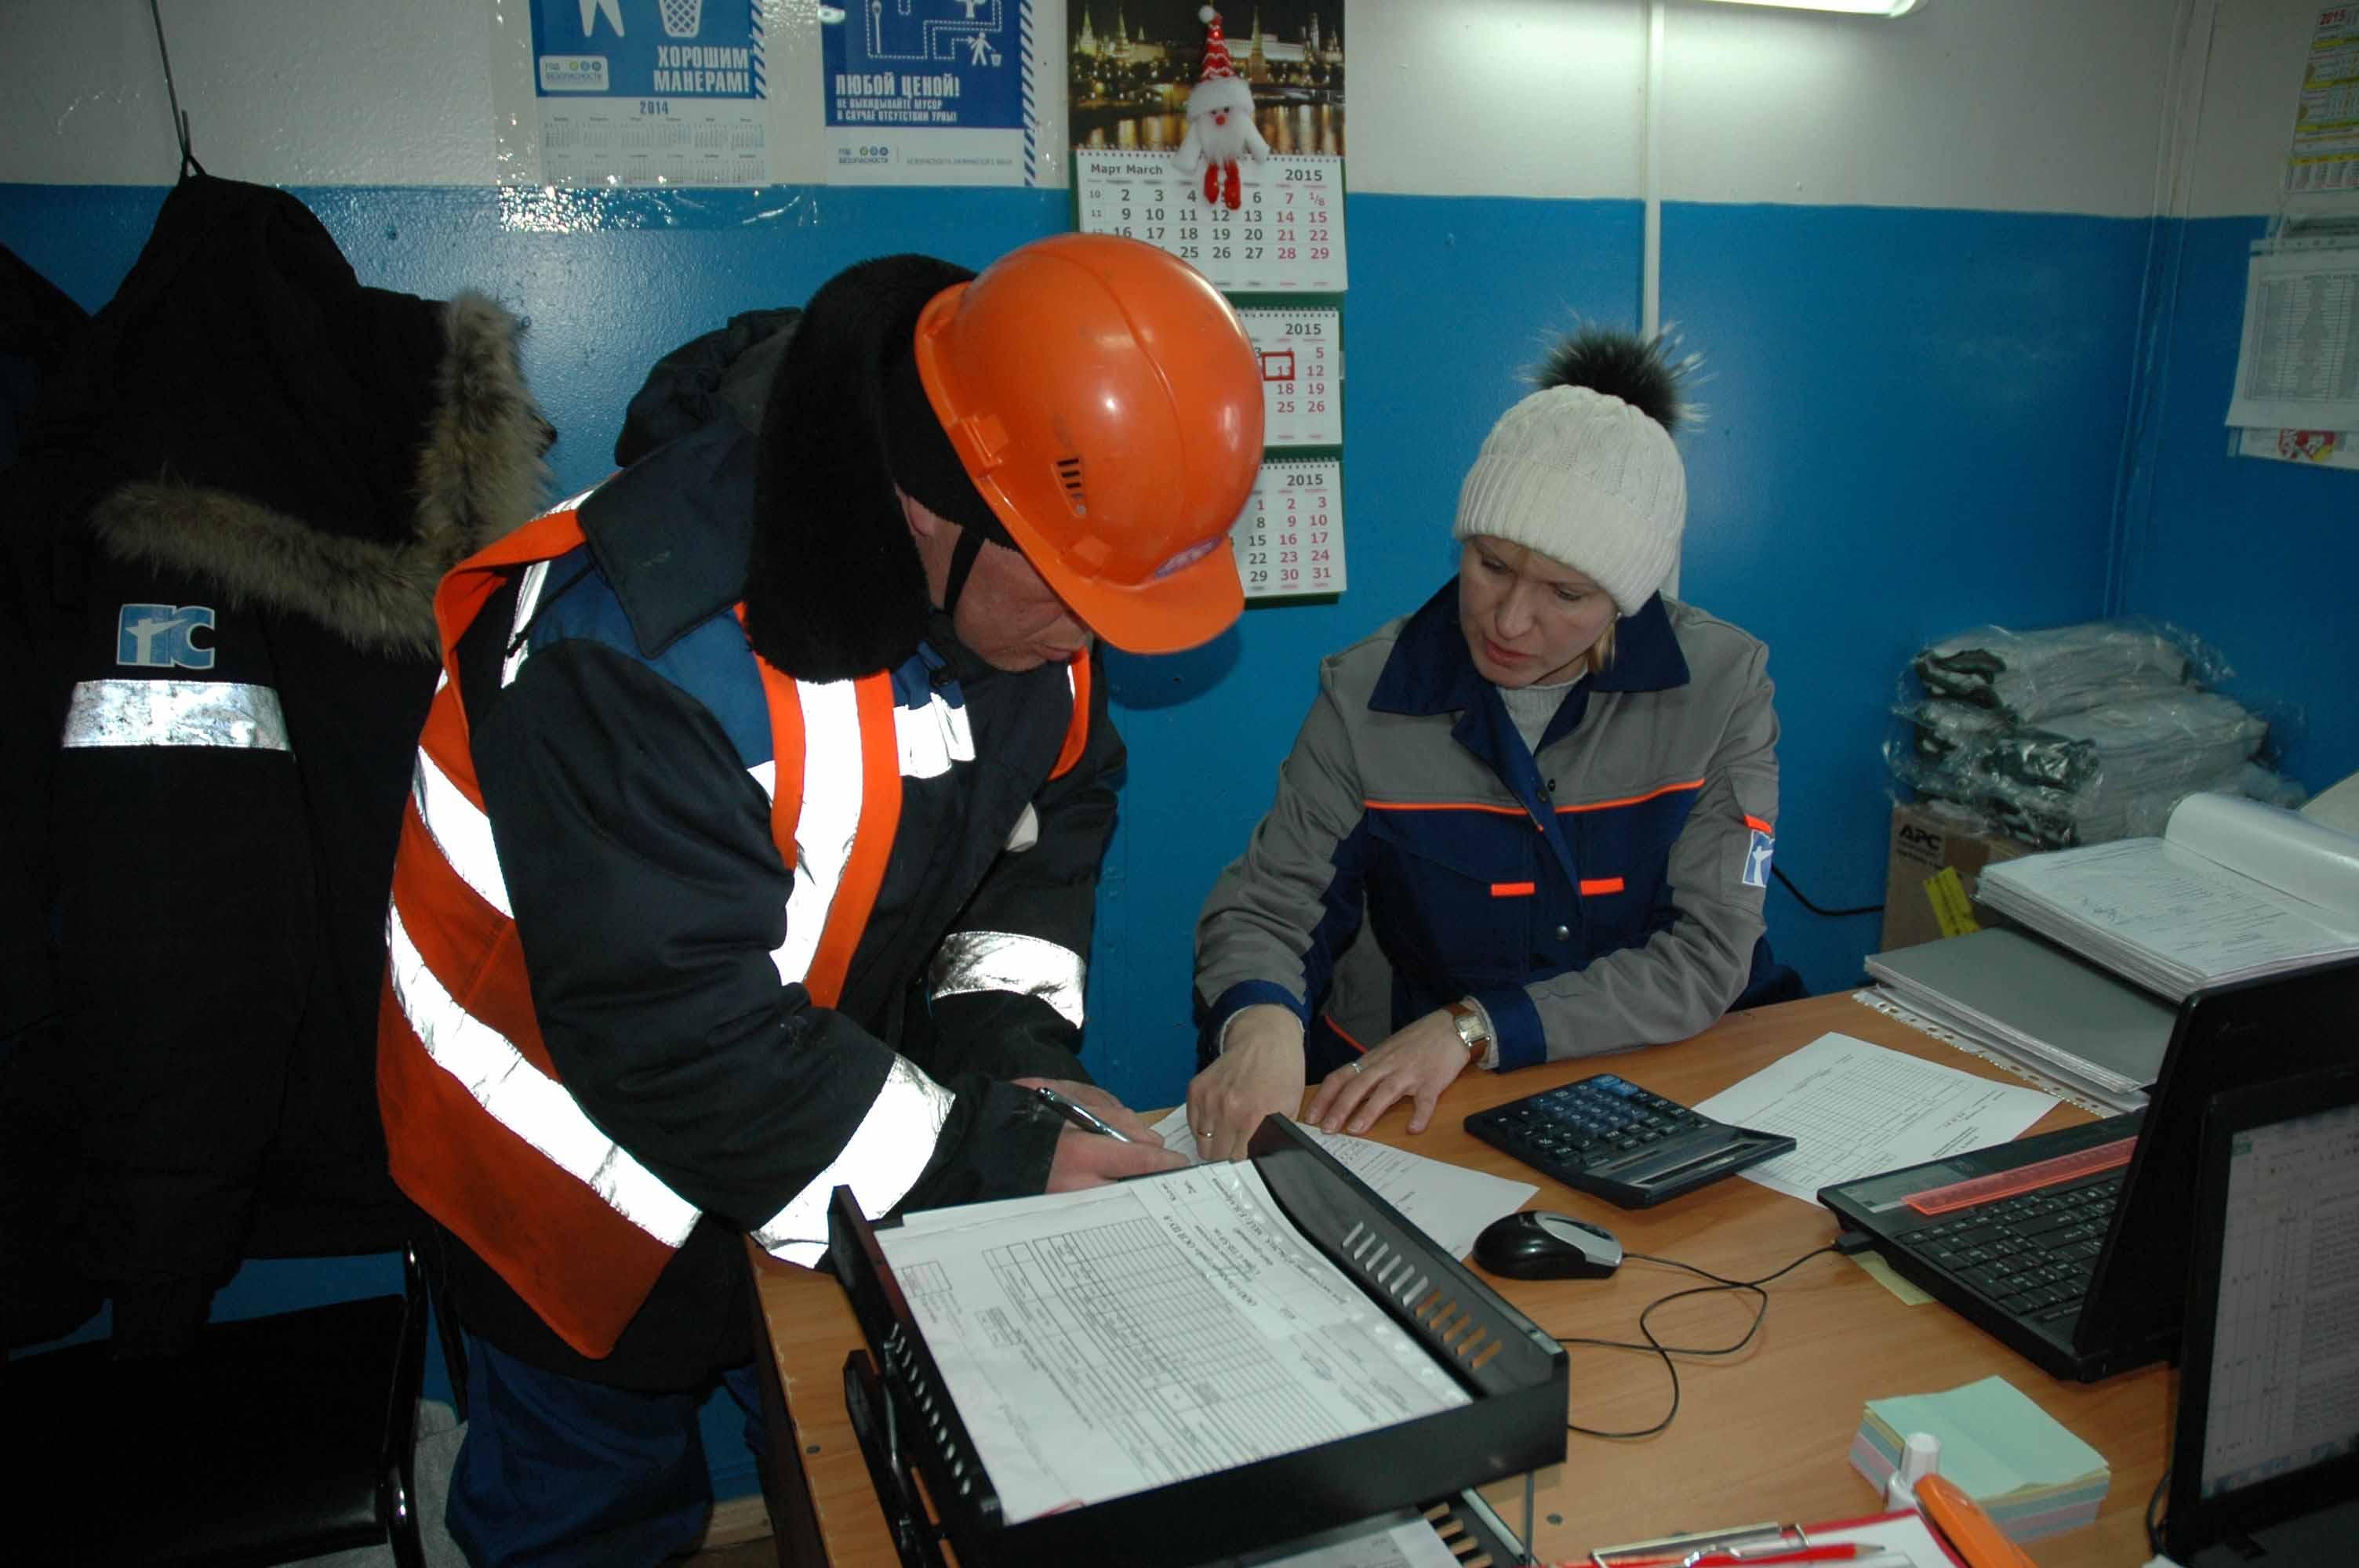 Безопасность труда - приоритет корпоративных стандартов (часть 2)